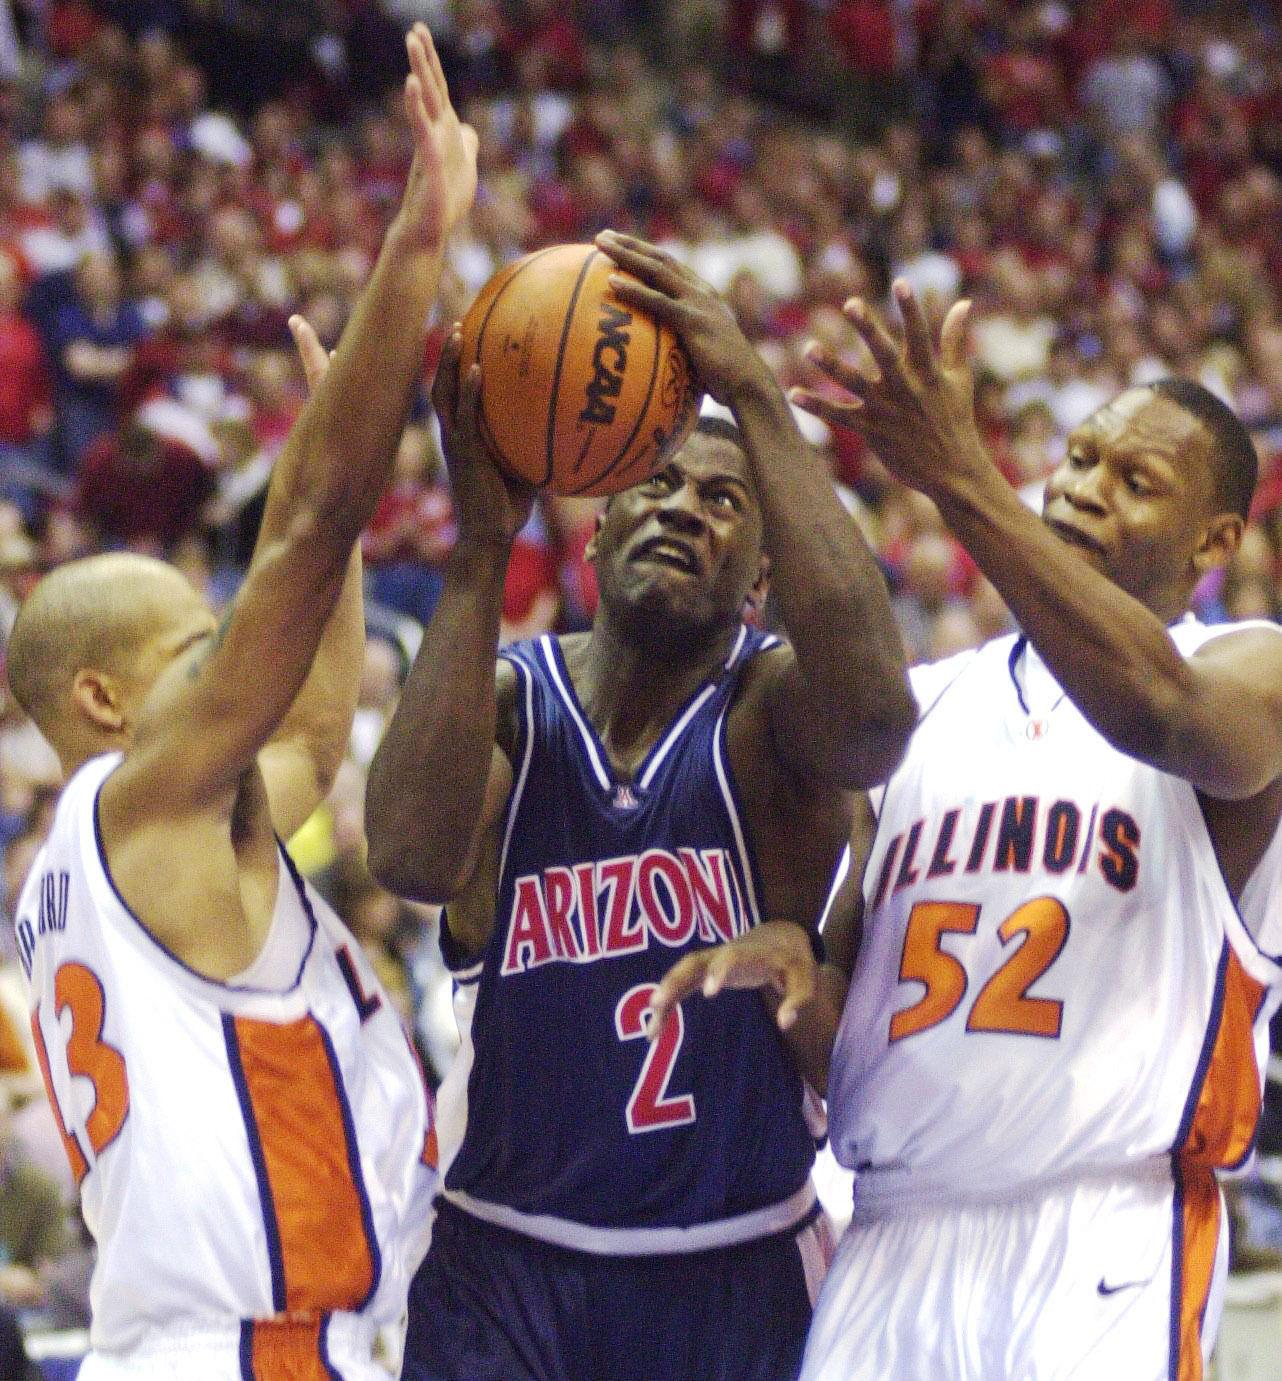 Arizona basketball player Michael Wright Prosecutors Man